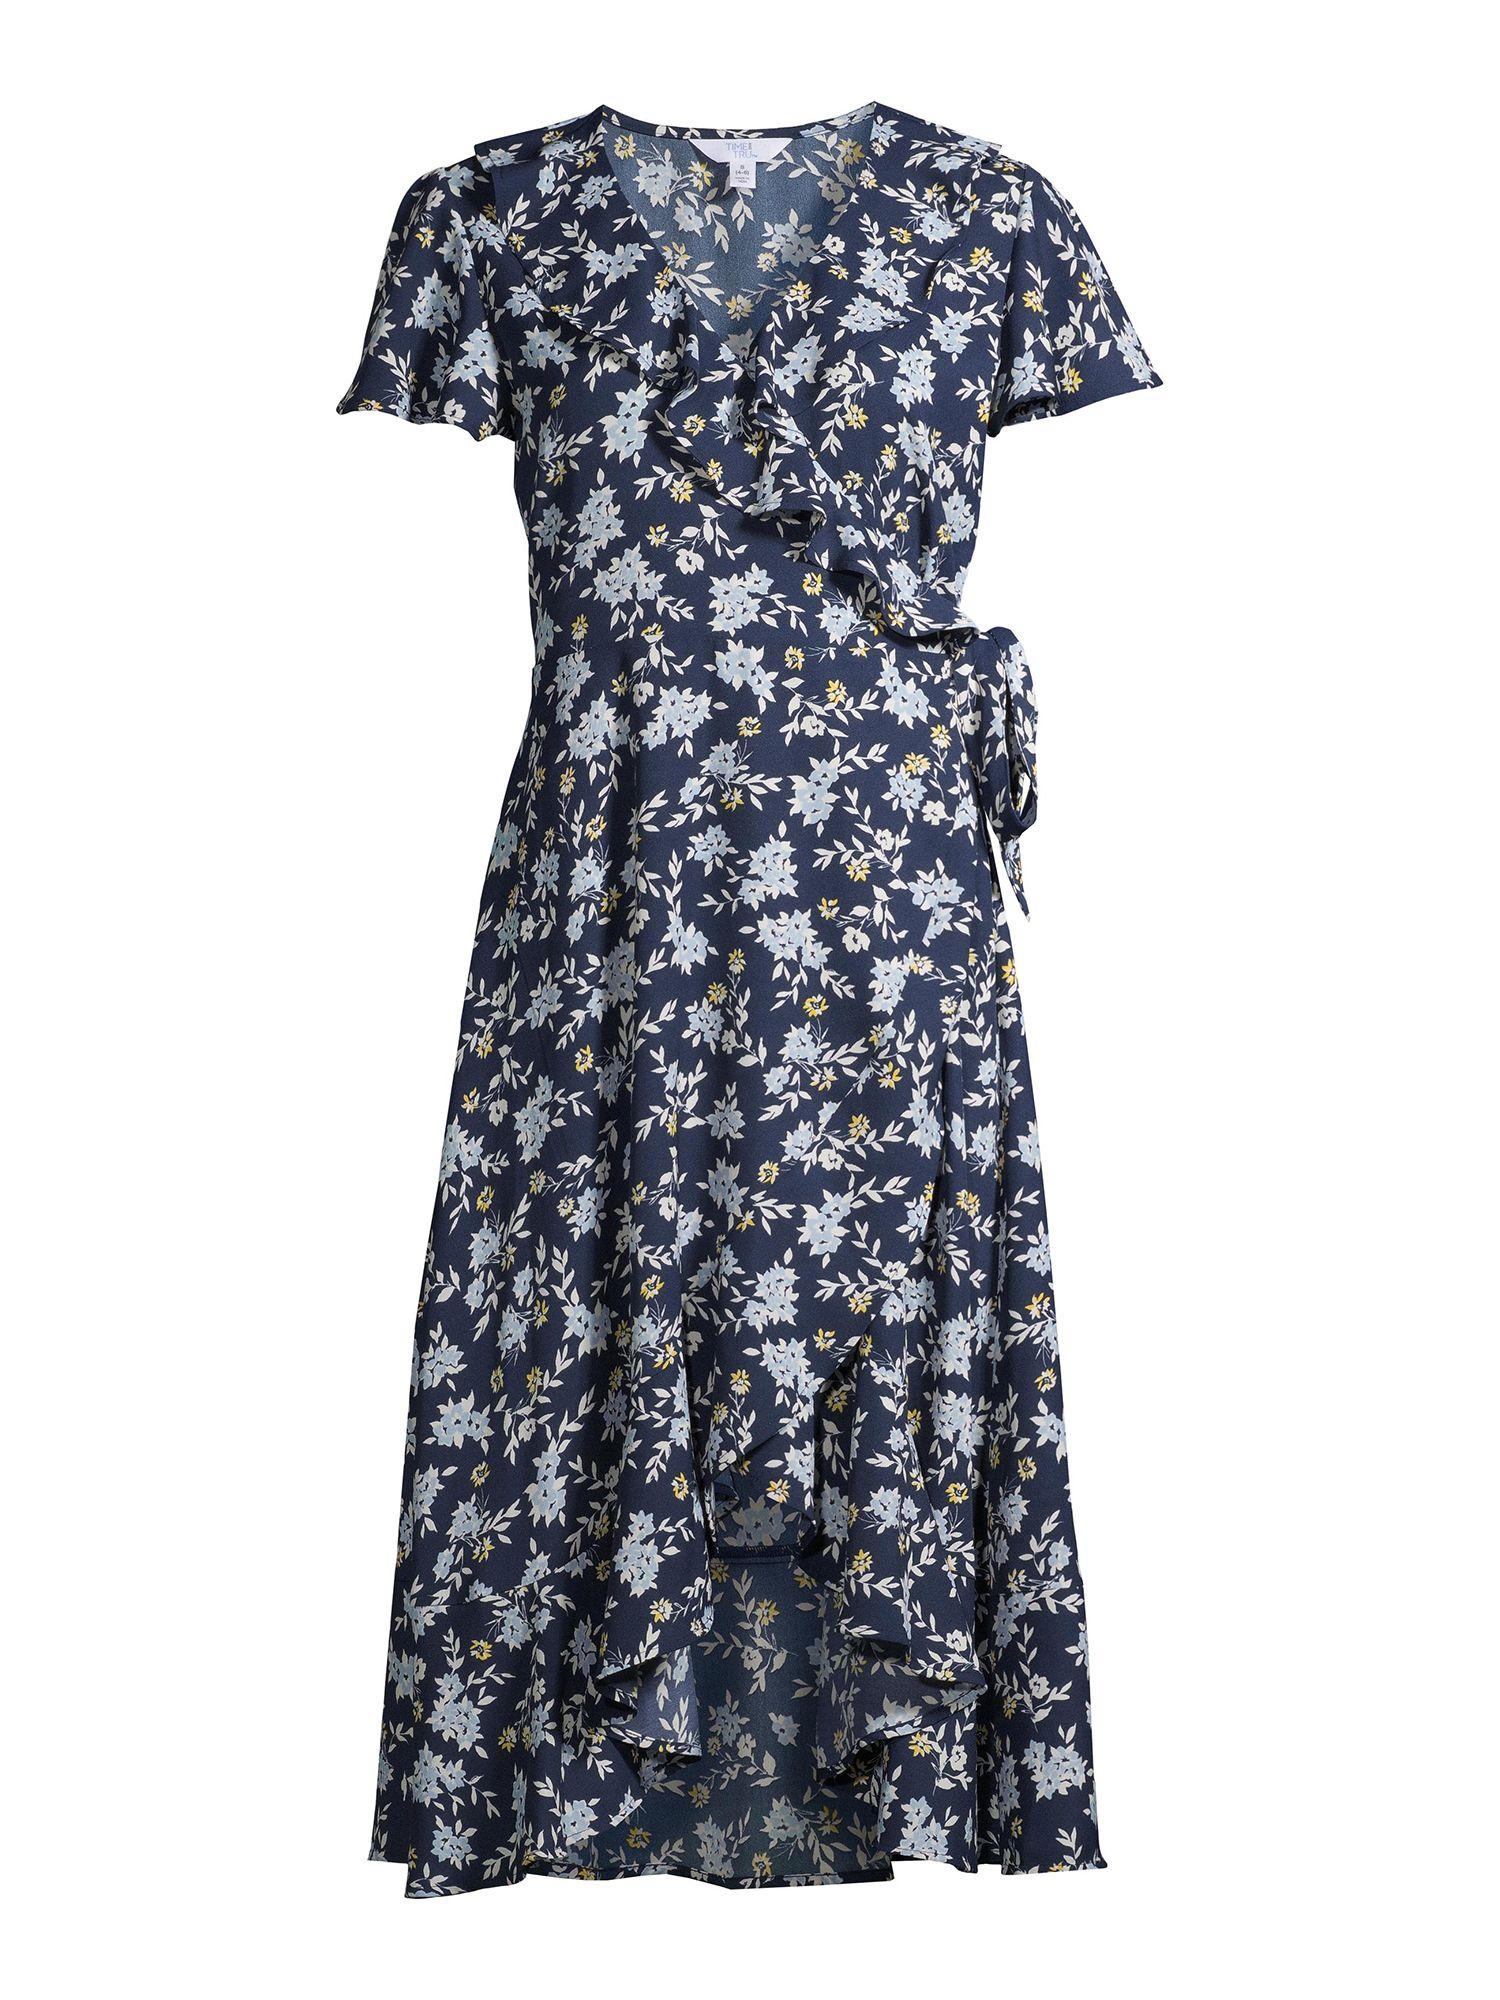 Time And Tru Women S Ruffle Midi Dress Ad Women Affiliate Tru Time Ruffle Midi Dress Midi Dress Dresses [ 2000 x 1500 Pixel ]